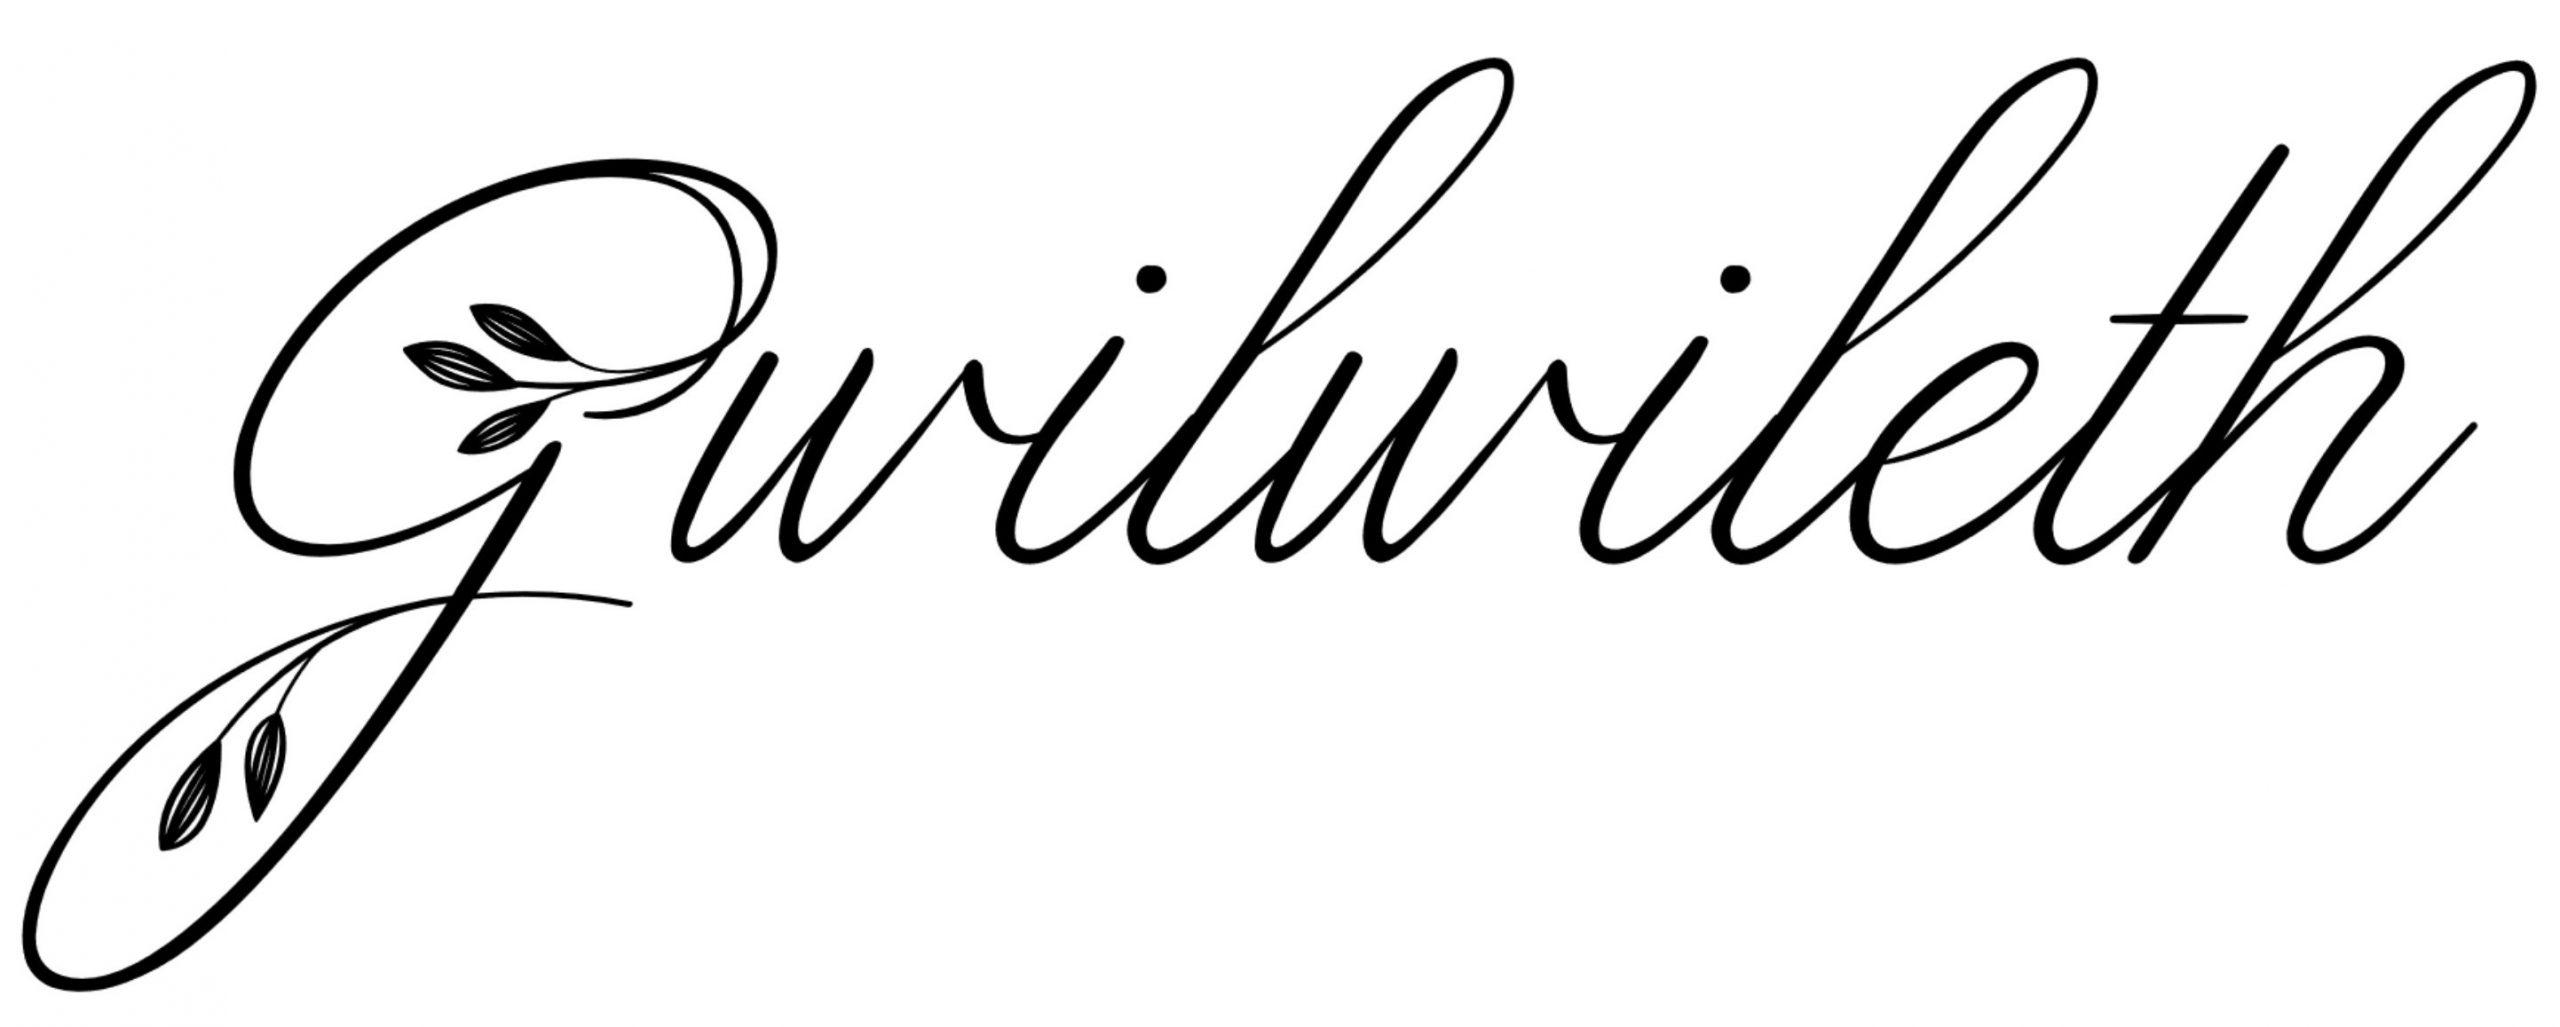 Gwilwileth